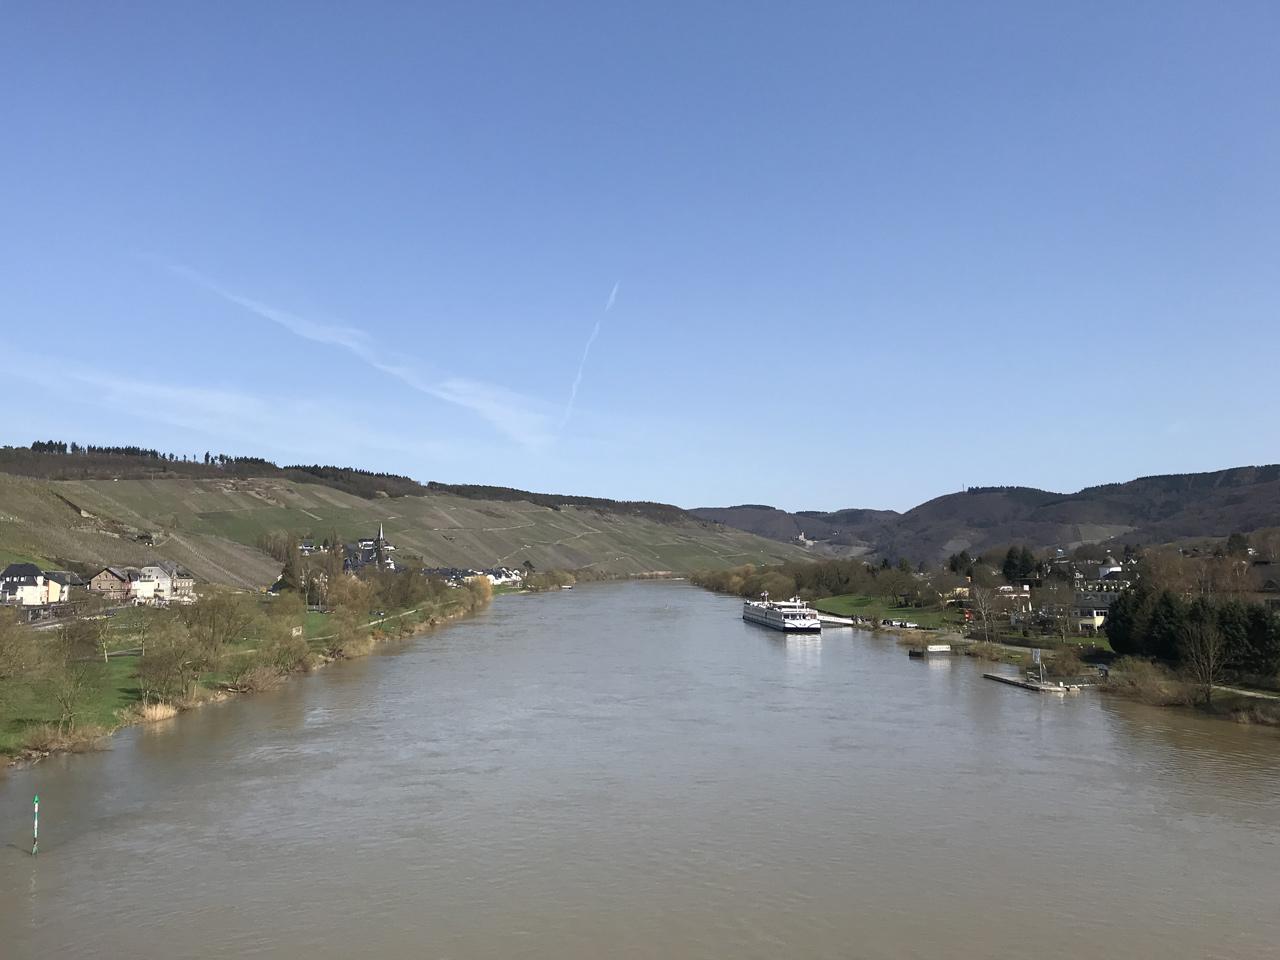 Der Blick von einer der vielen Brücken über die Mosel.